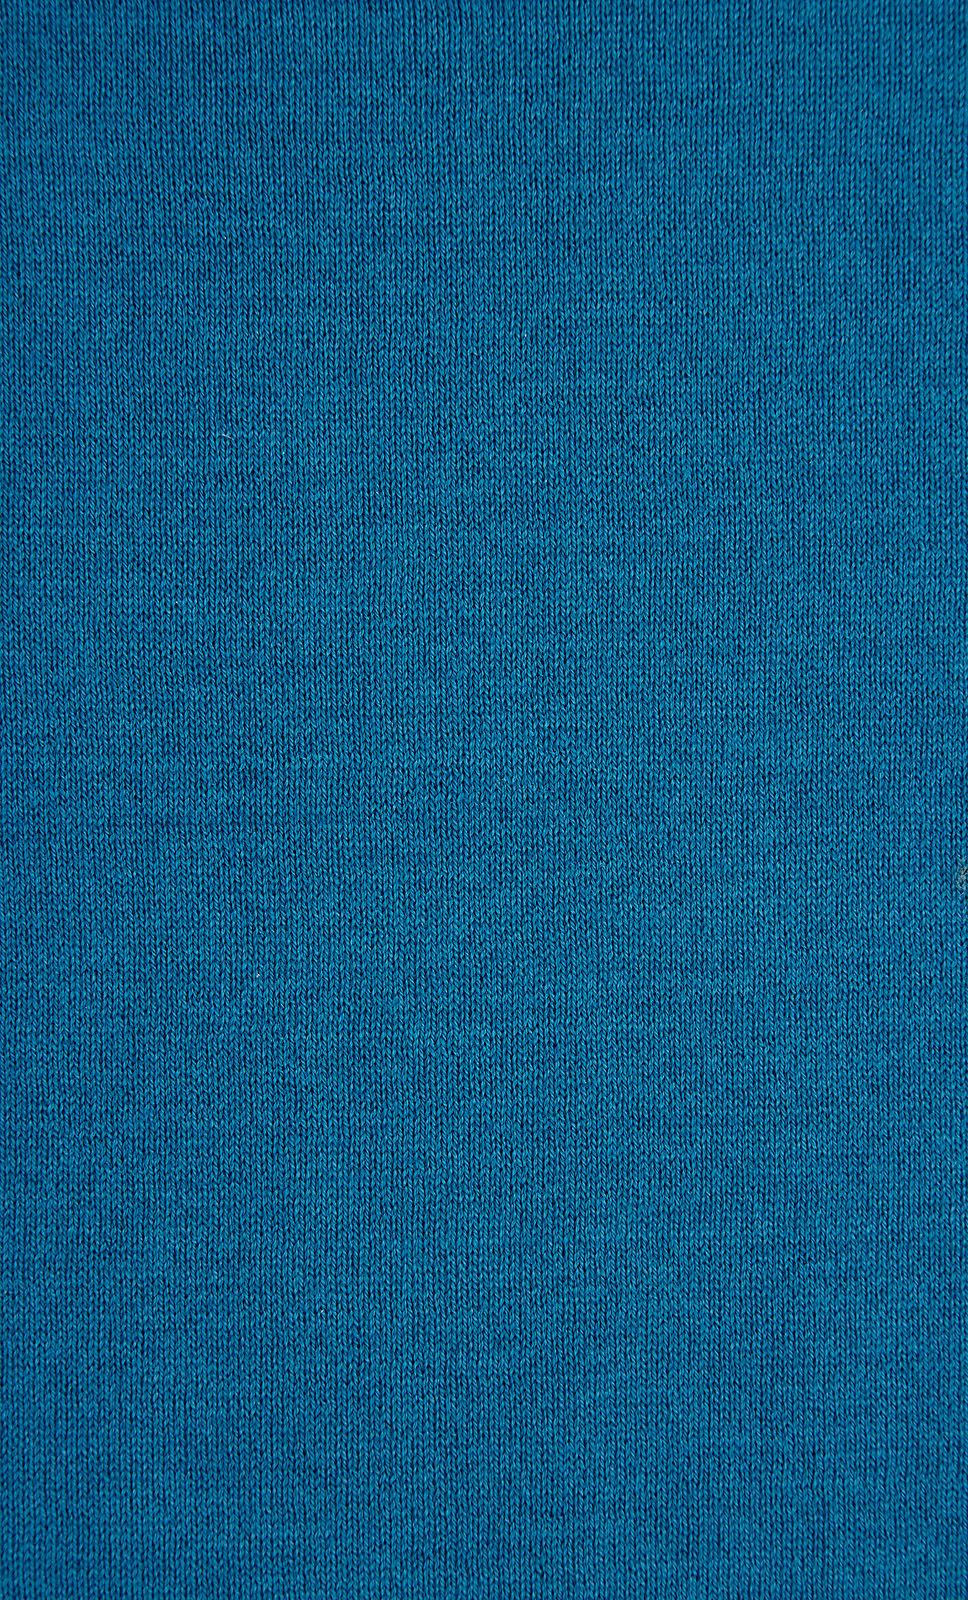 Cottonclub-Harbor-Blue